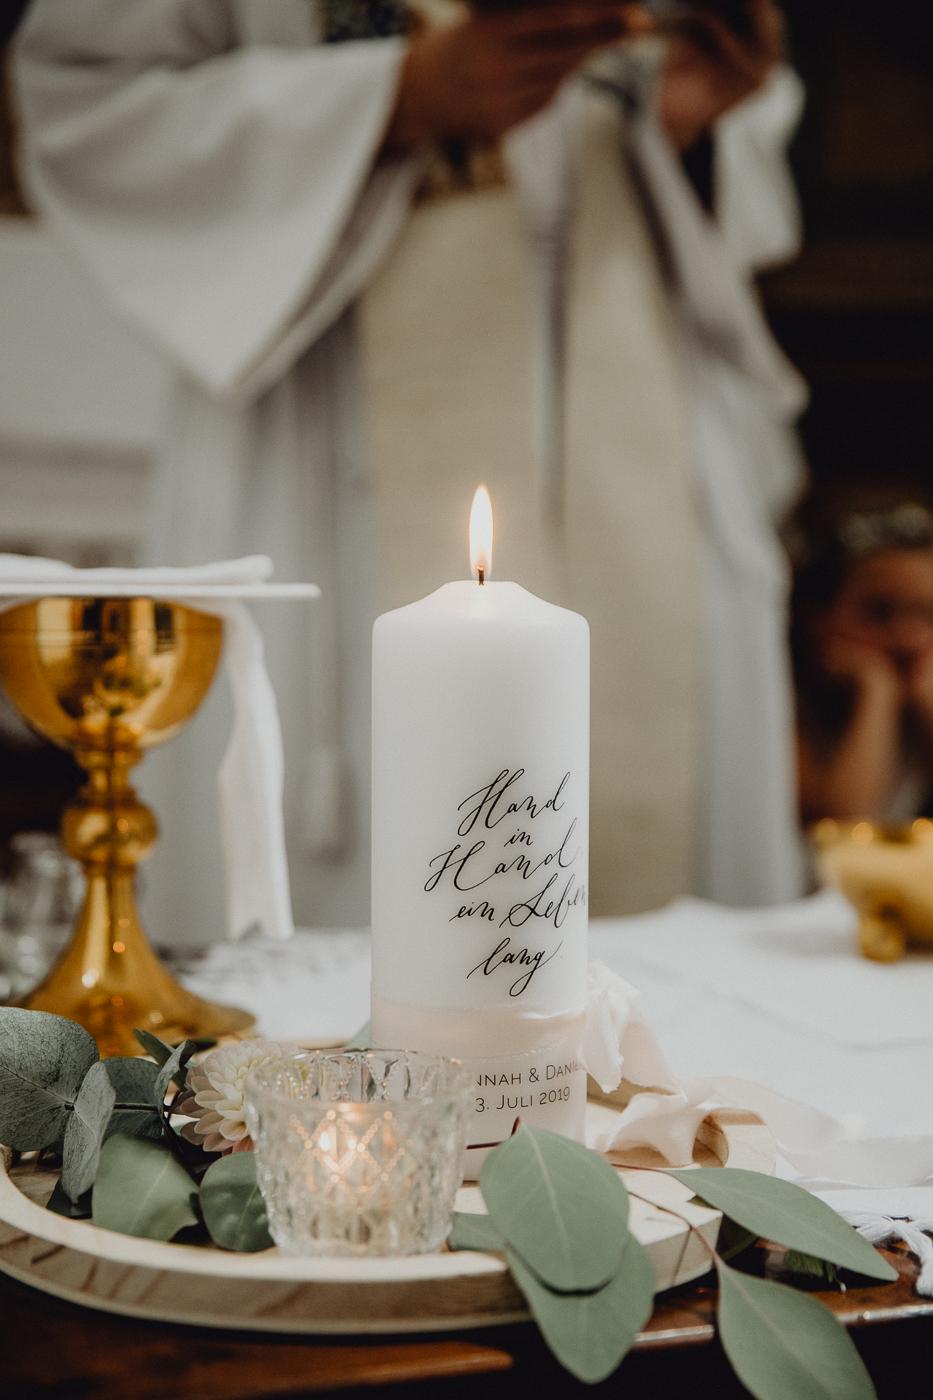 Traukerze modern, Traukerze Boho, Traukerze personalisiert, Hochzeitskerze modern